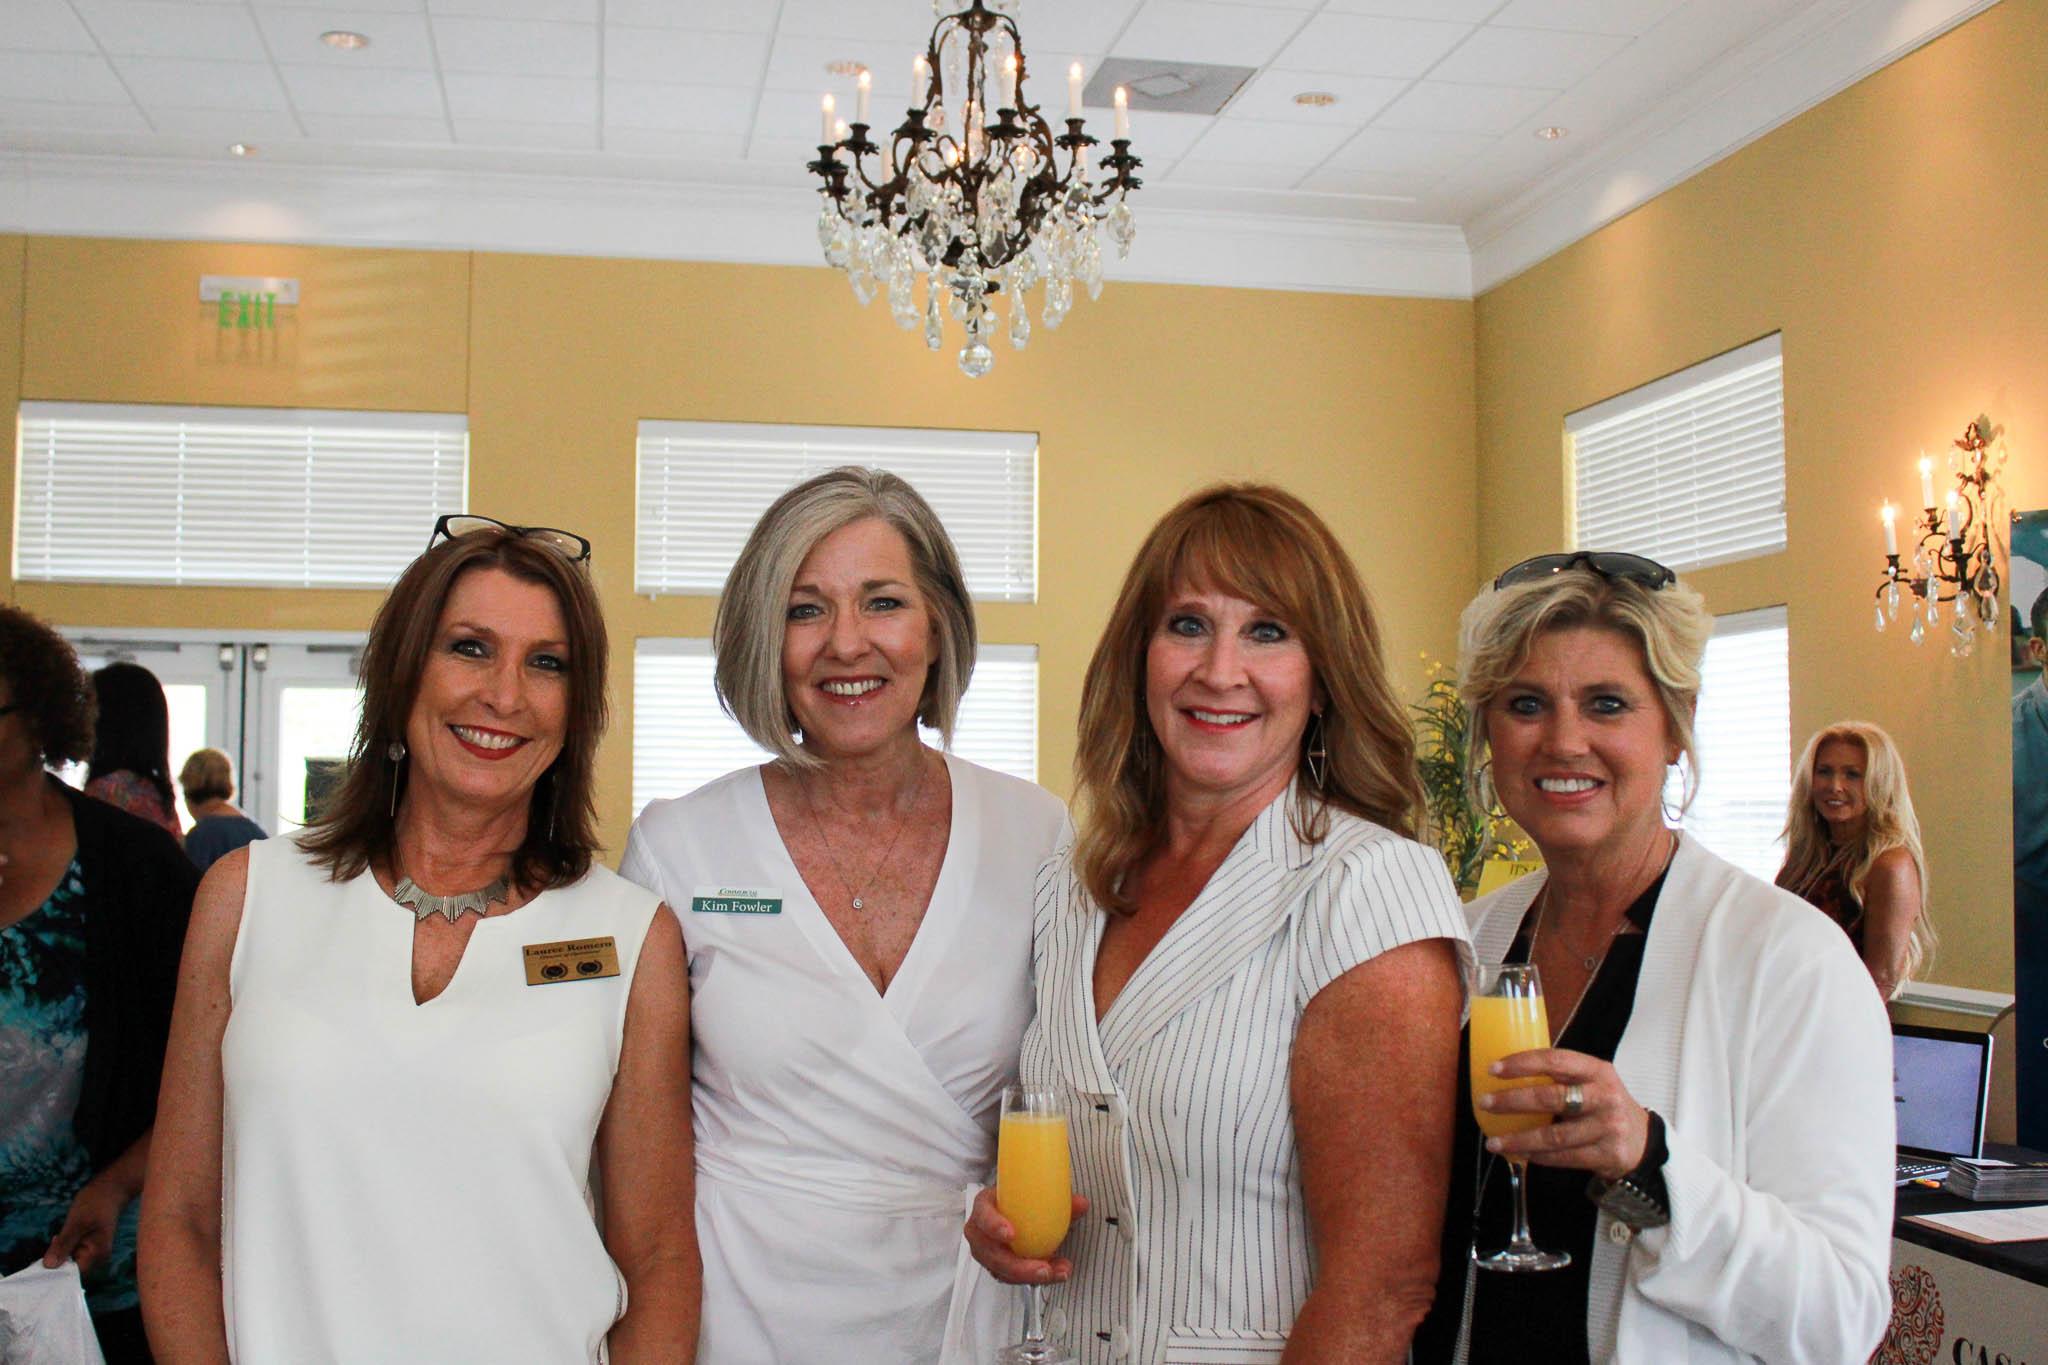 Lauree Romero, Kim Fowler, Stacy Yates and Kim Polk